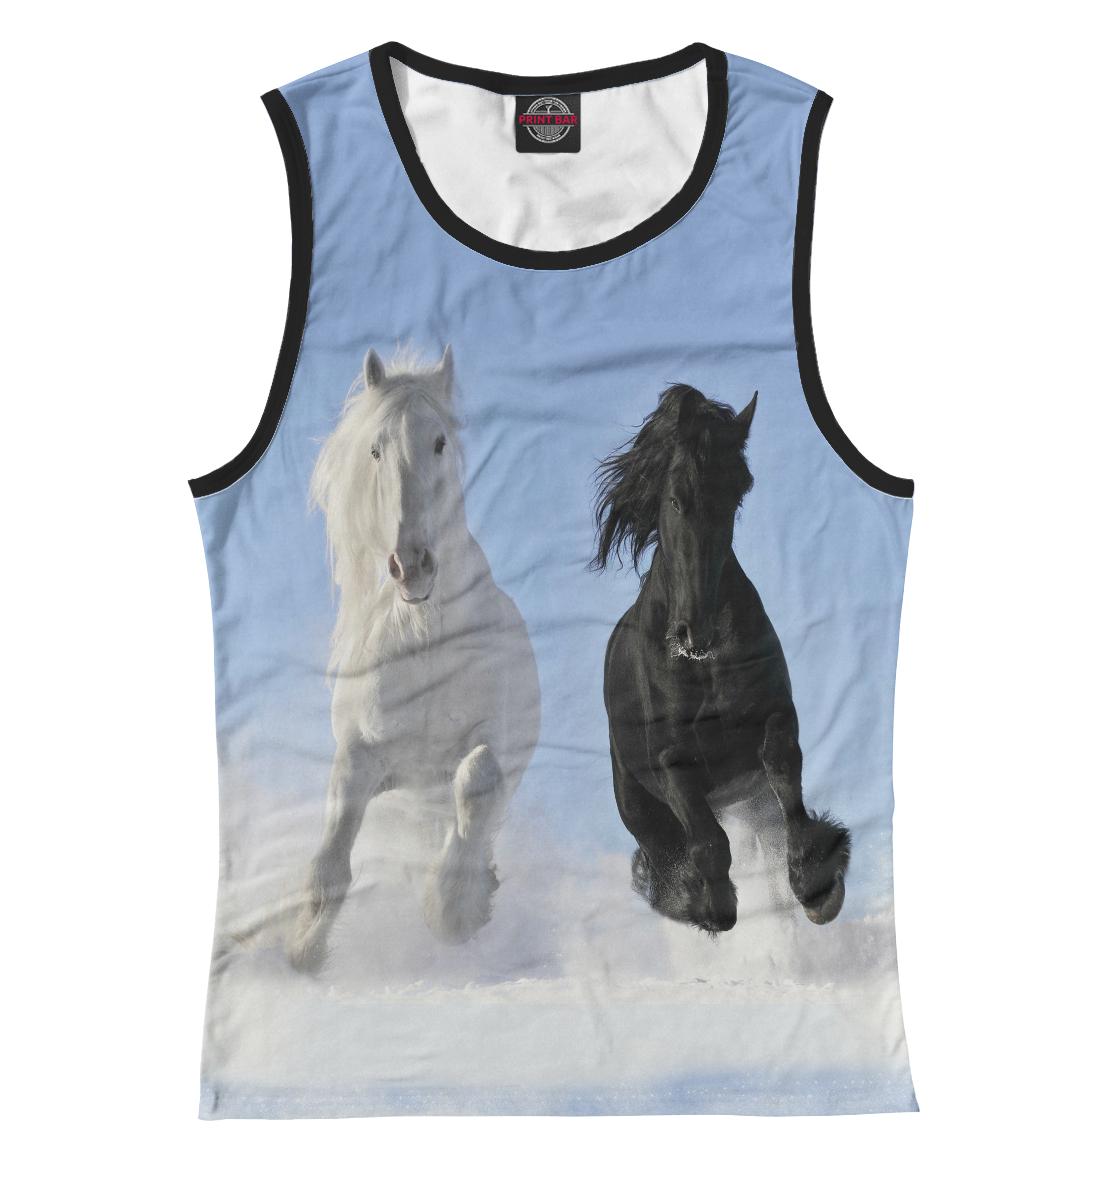 Пара лошадей, Printbar, Майки, LOS-105787-may-1  - купить со скидкой